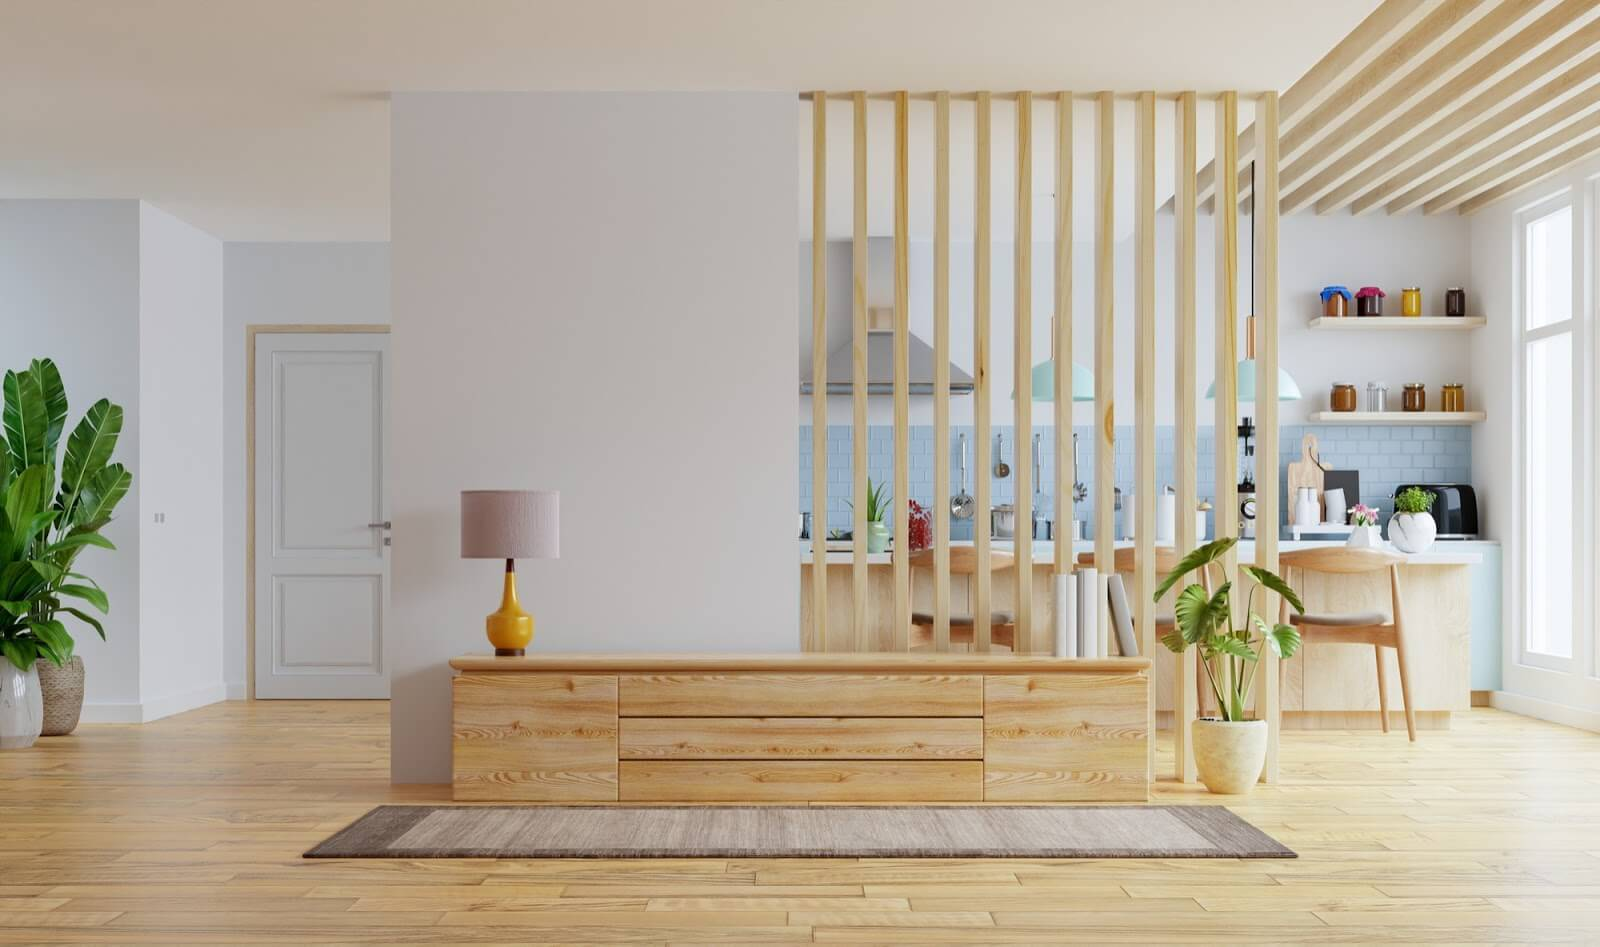 Quais são os tipos de madeira mais utilizados para decoração?